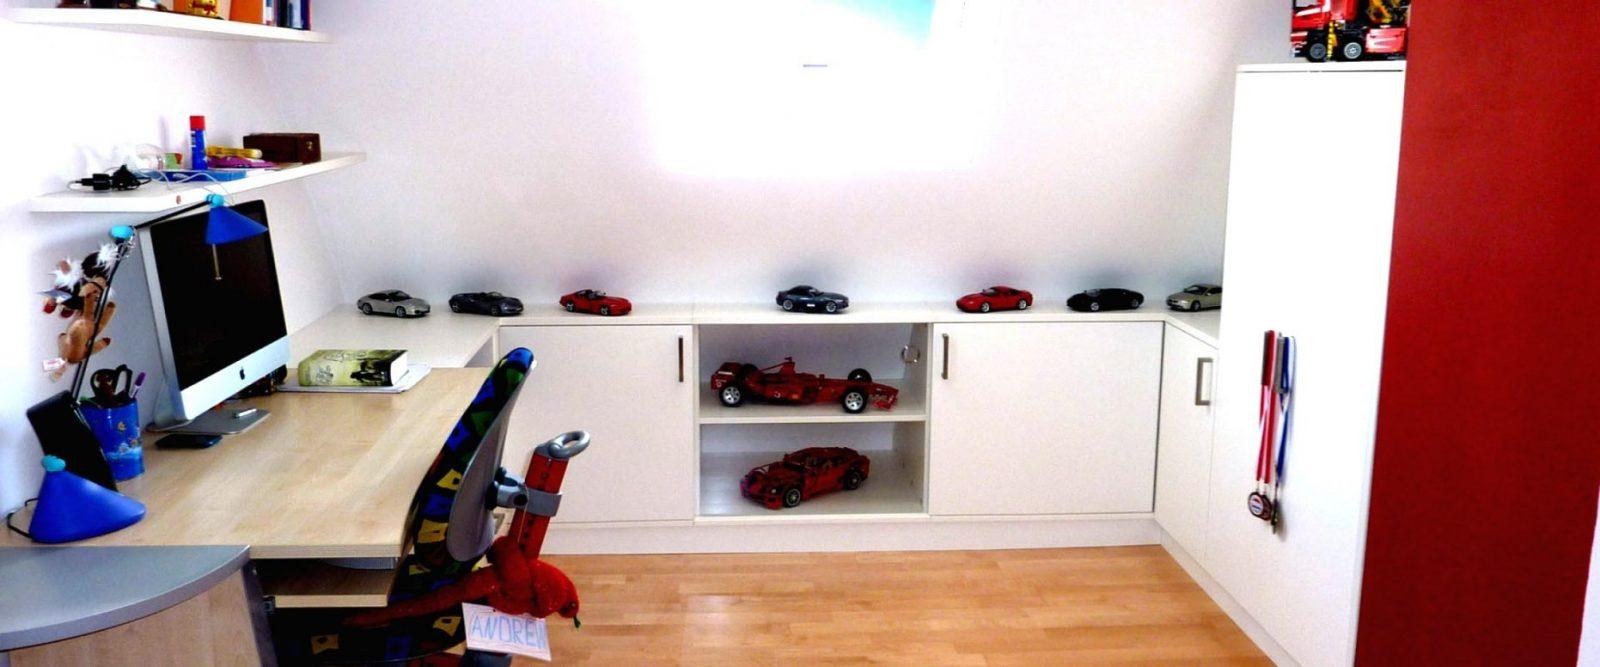 Dachzimmer Einrichten von Jugendzimmer Mit Dachschräge Gestalten Bild